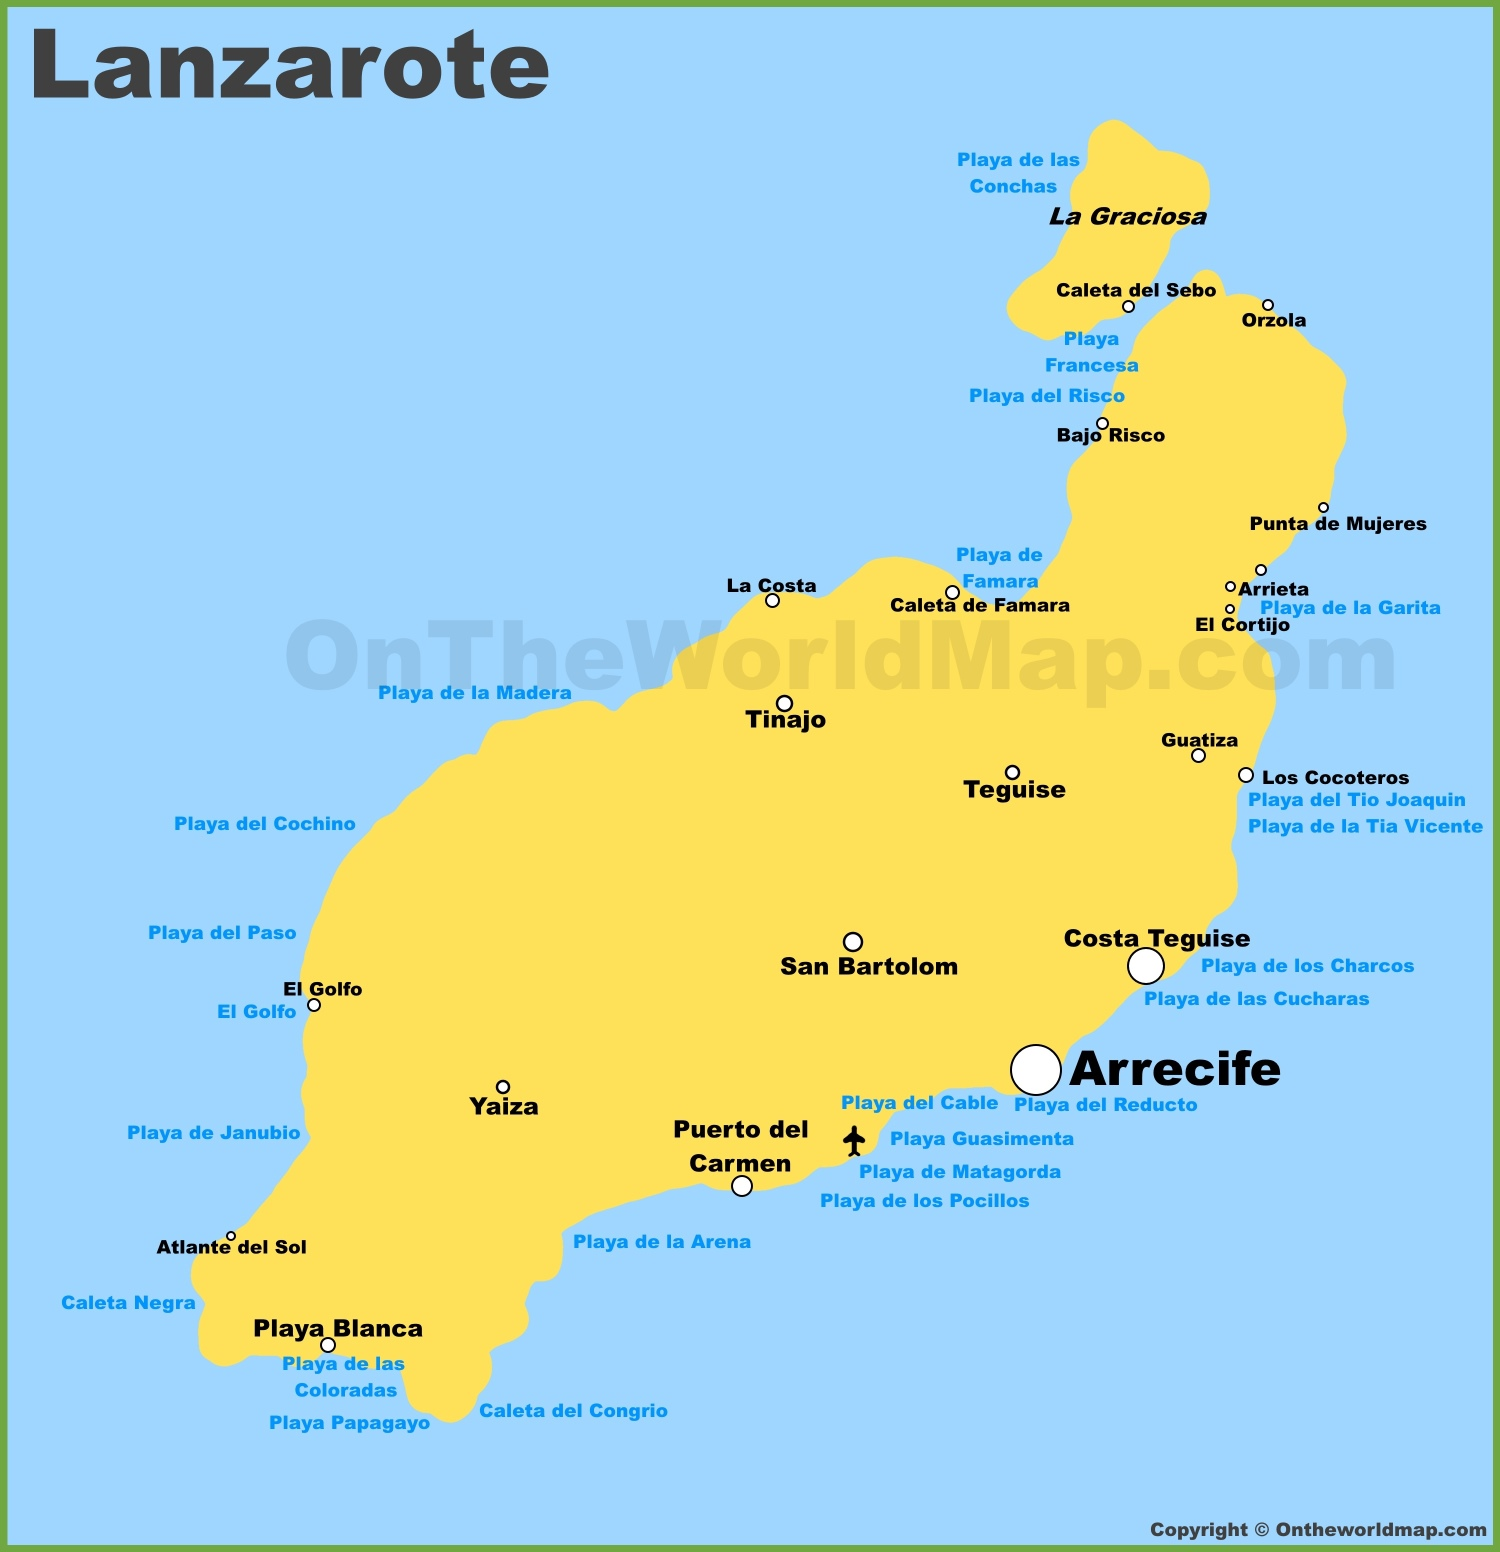 Lanzarote Maps Canary Islands Spain Map of Lanzarote